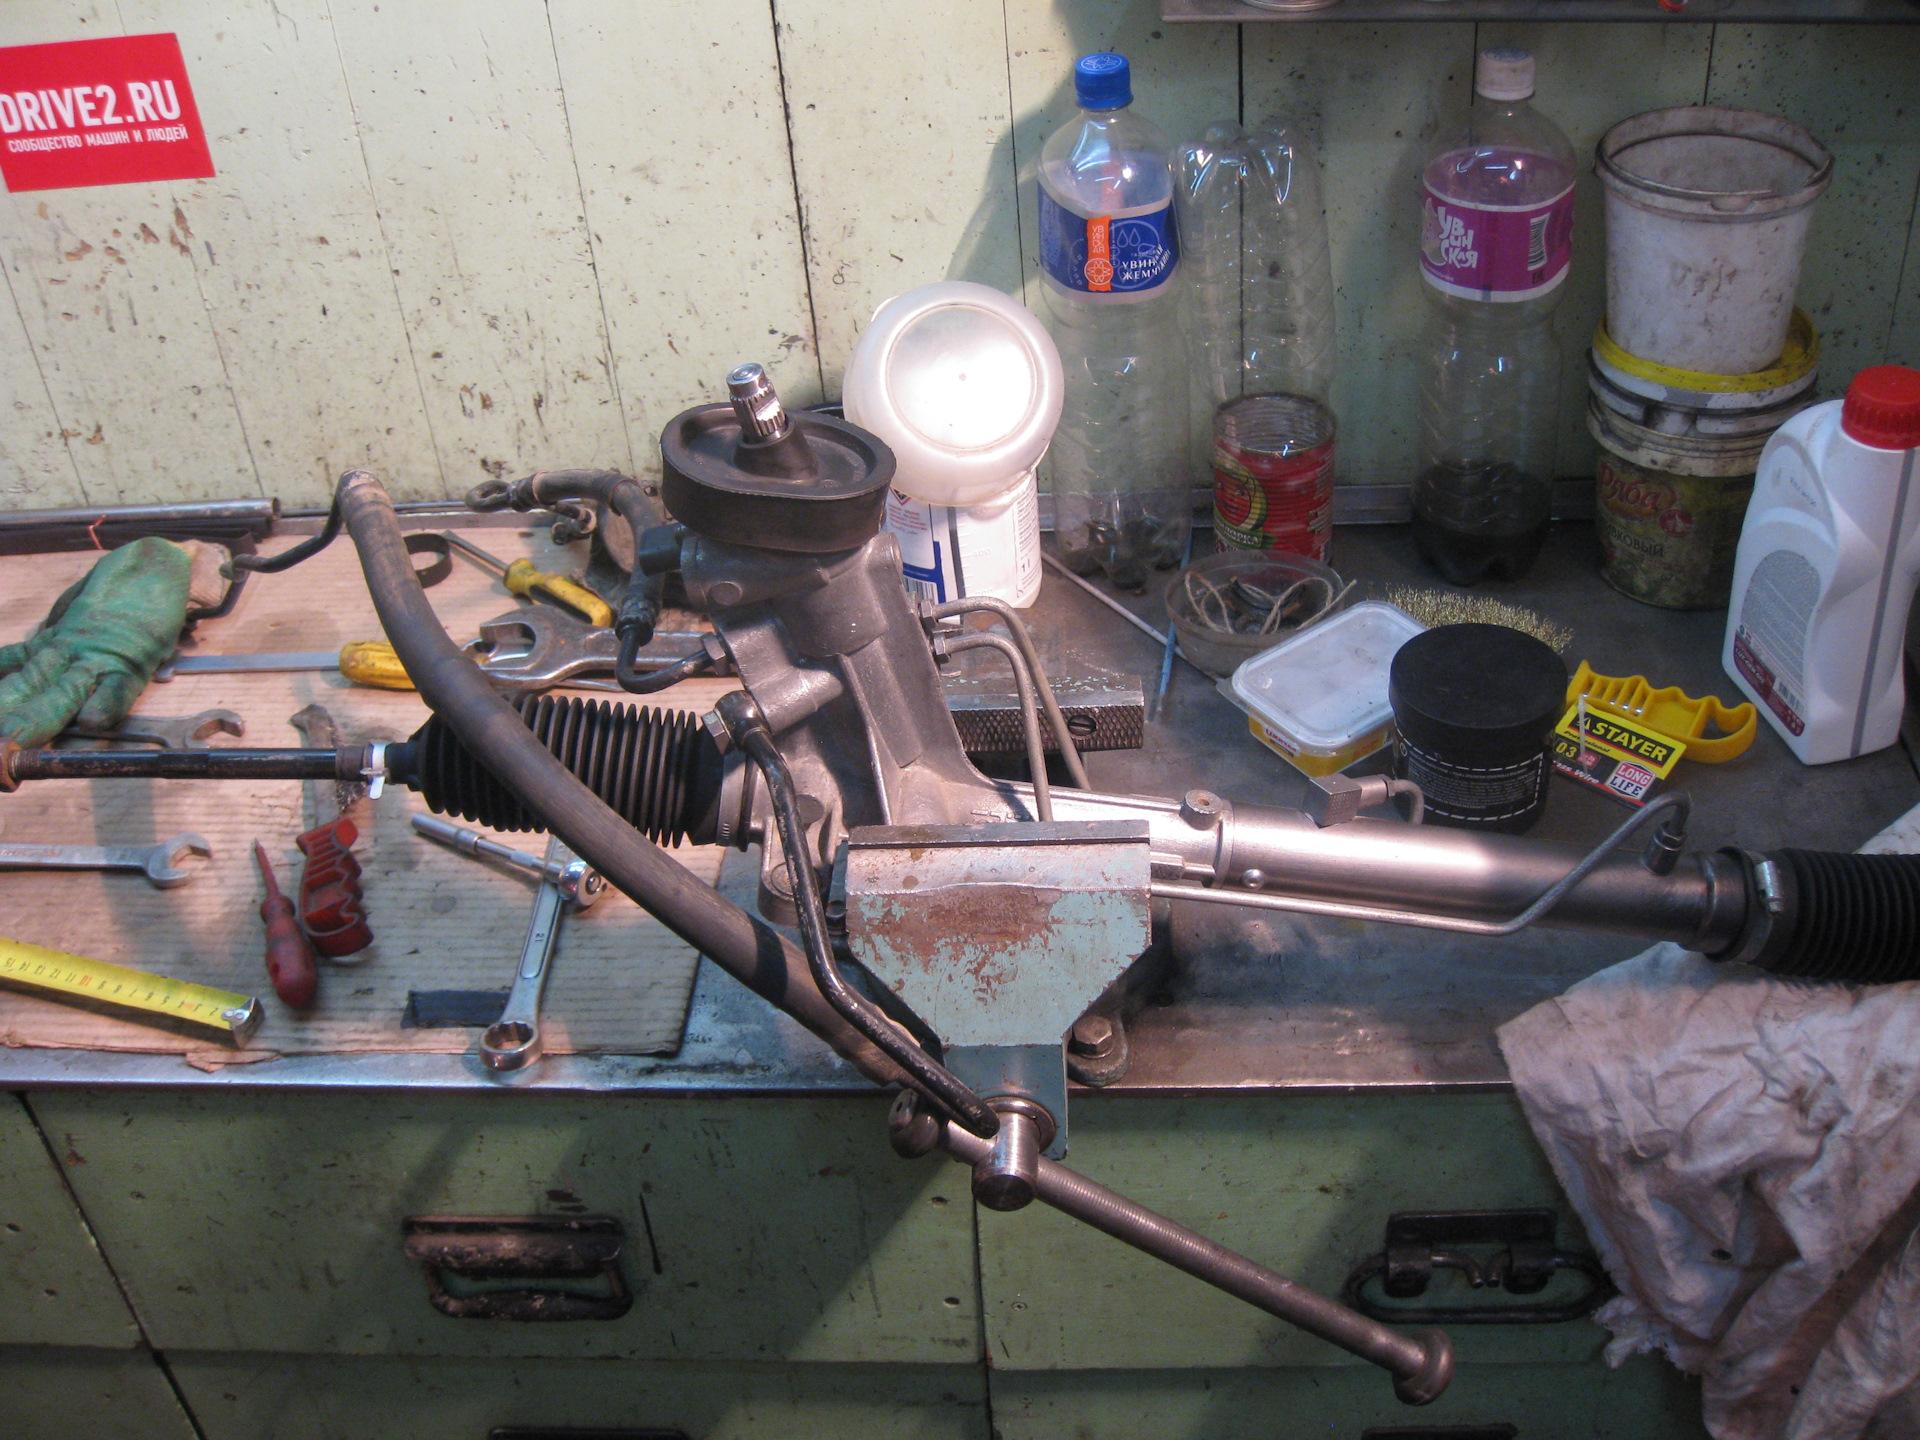 Ремонт рулевой рейки шкода фабия своими руками